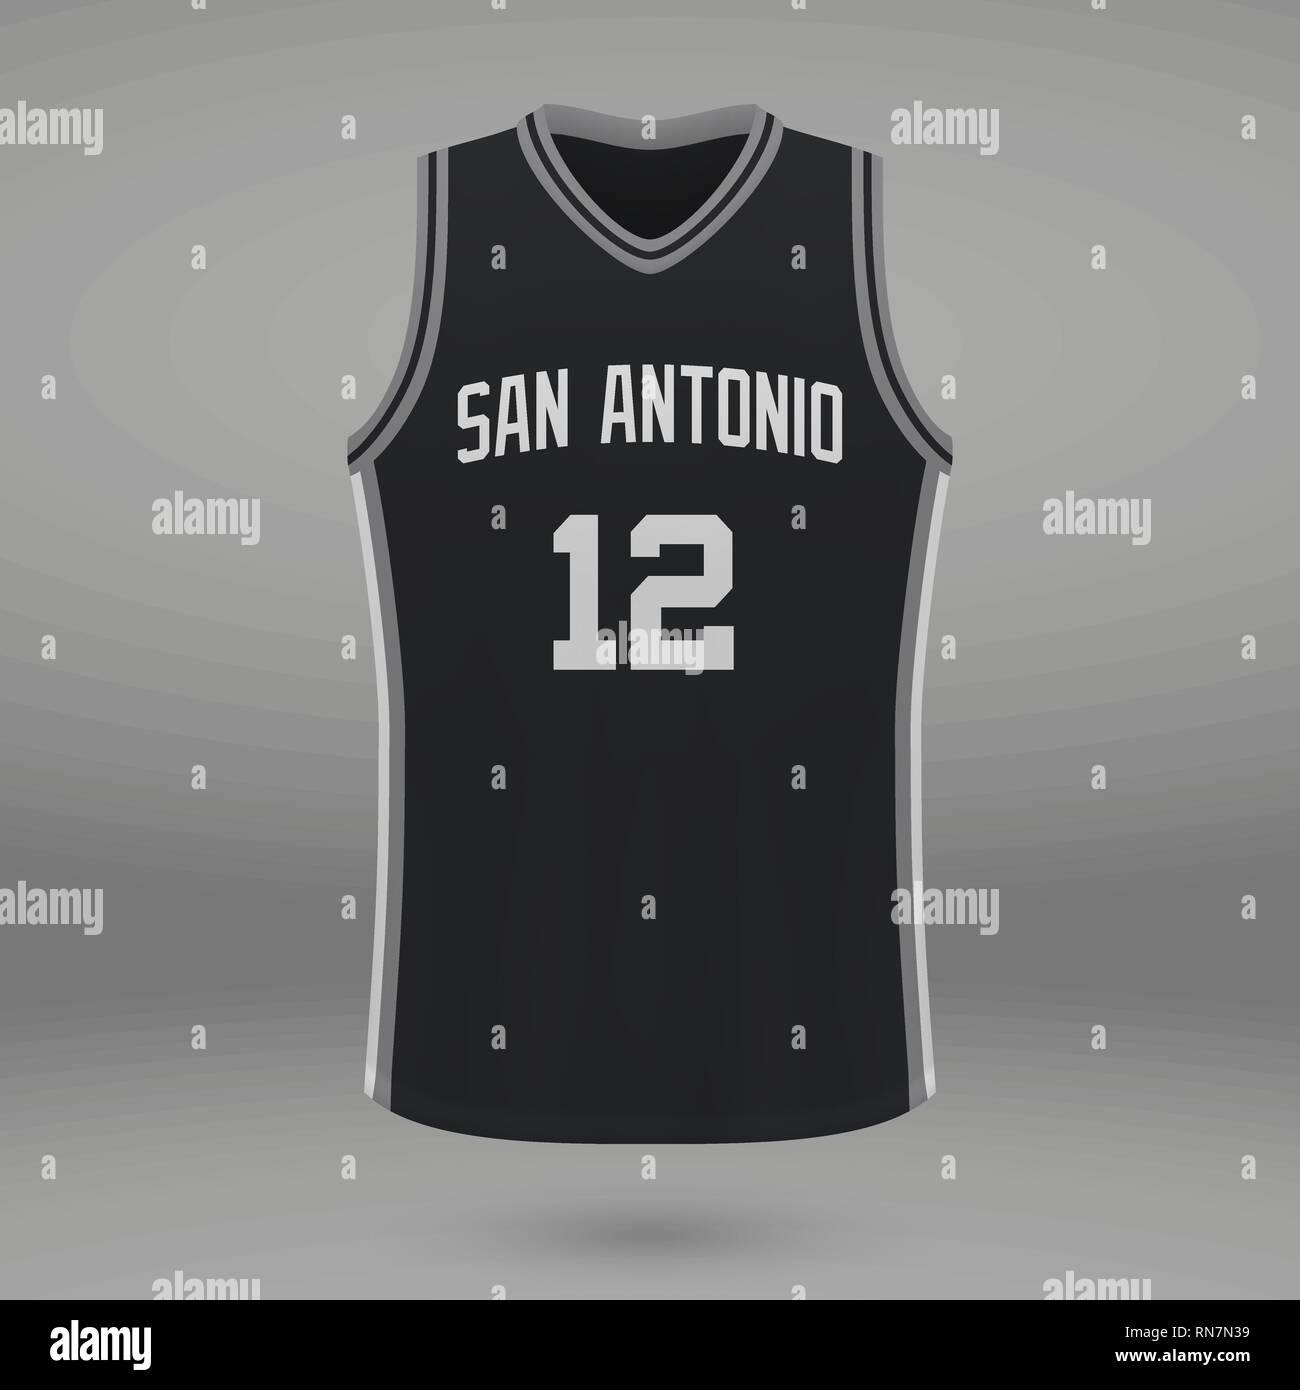 Spurs Shirt Stock Photos & Spurs Shirt Stock Images